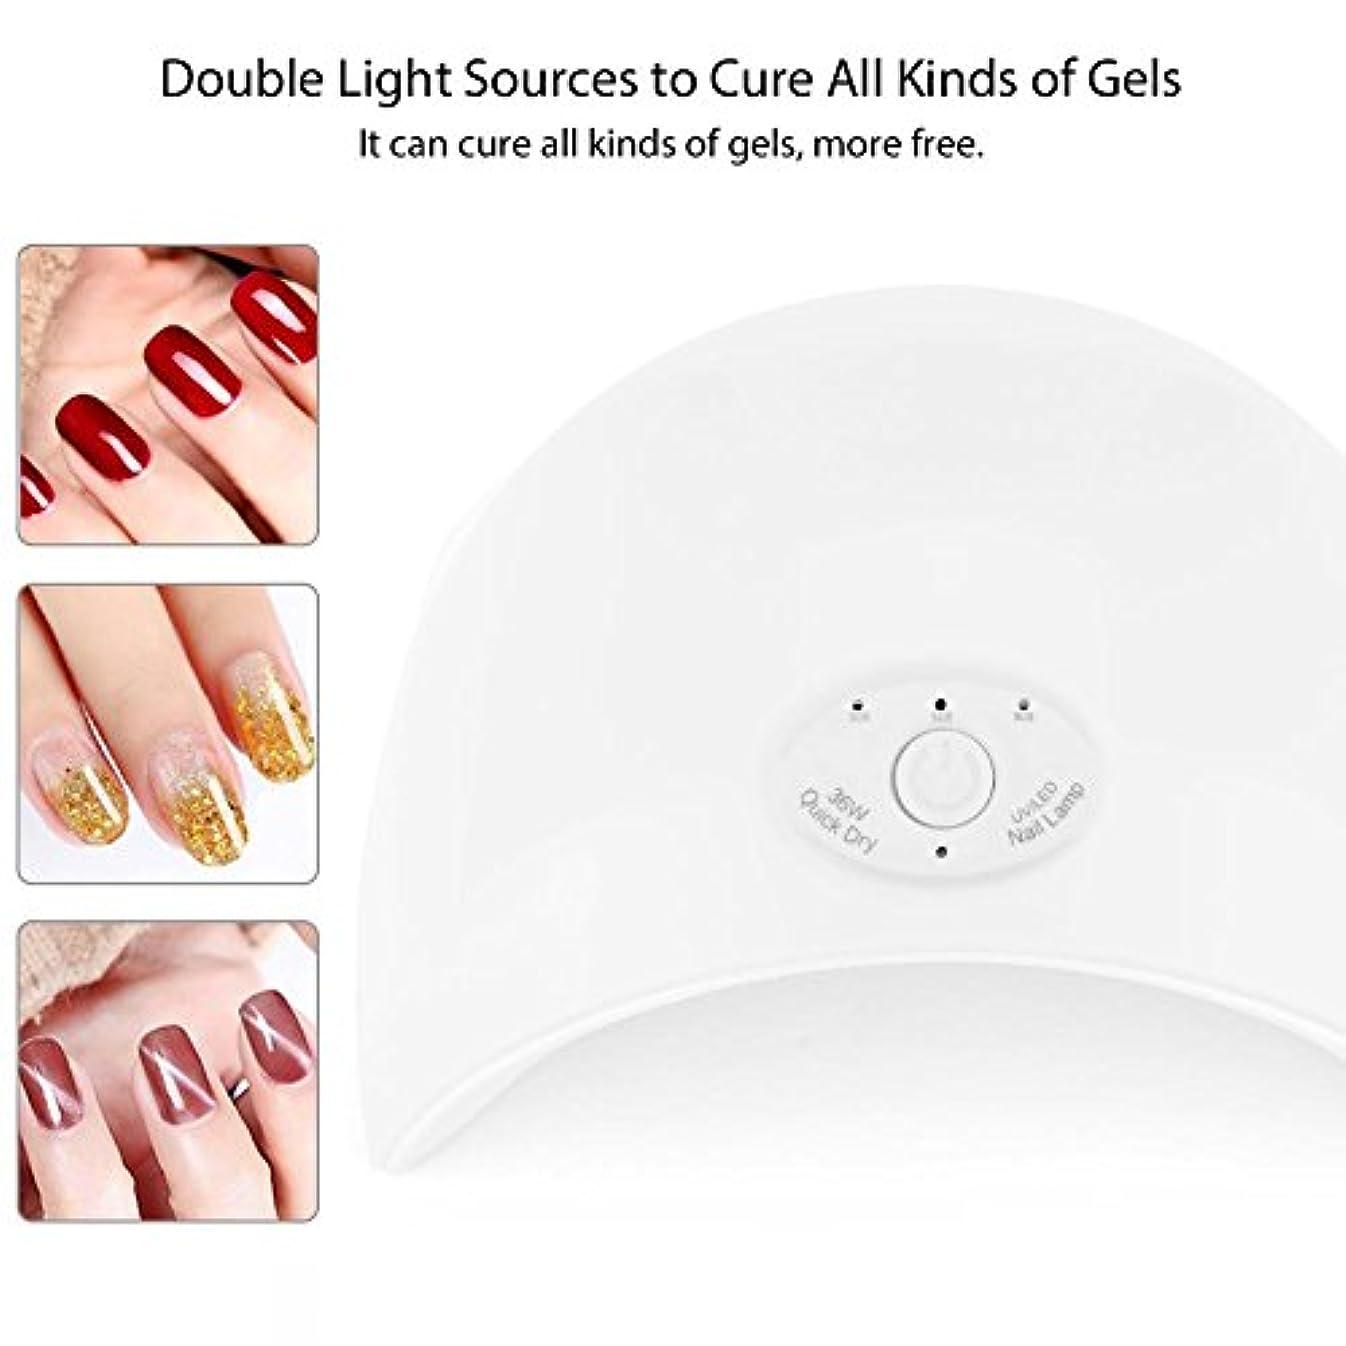 弾性ウッズ眠るネイルランプ、スマートセンサーネイルアートツールを使用したネイルジェルポリッシュ硬化用UVLEDネイルドライヤー(白い)